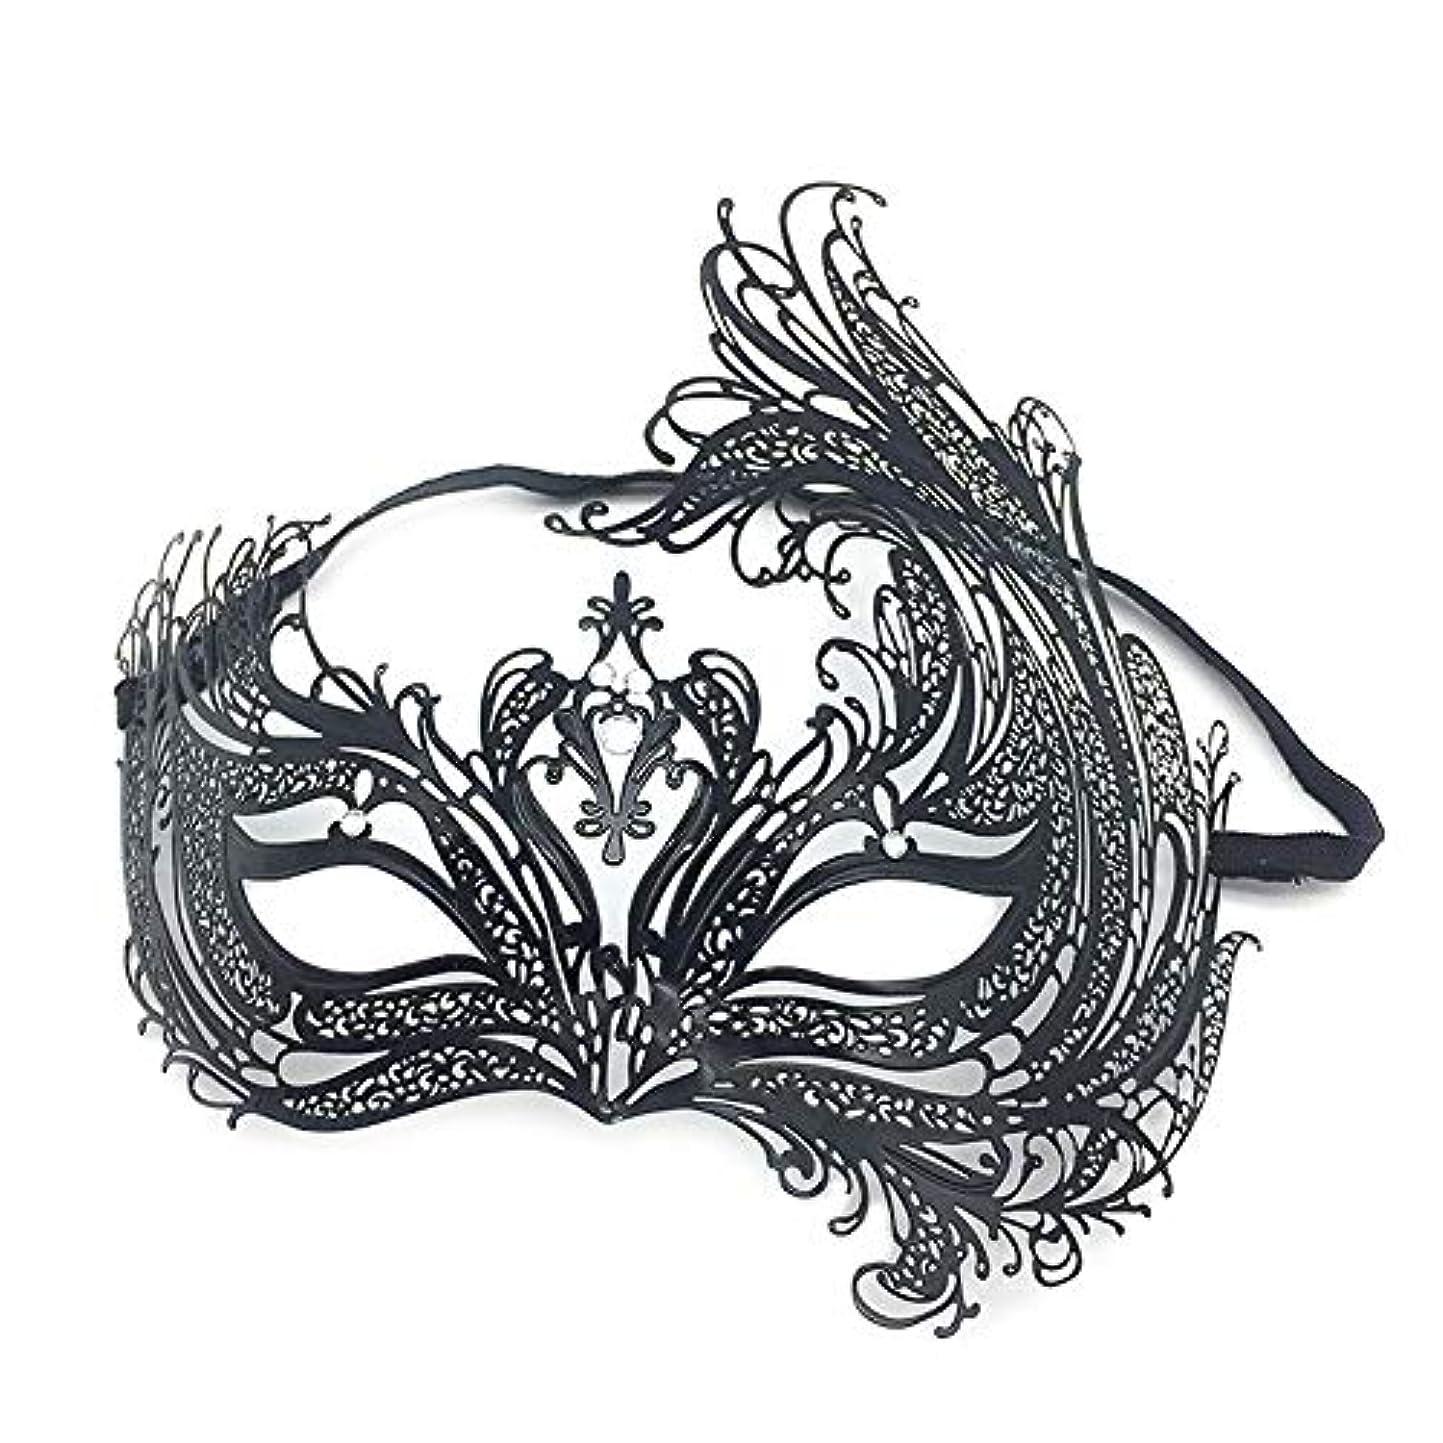 関係ないニックネーム事前メタルダイヤモンドフェイスマスカレードマスクパーティーブラックセクシーなハーフフェイスフェニックスハロウィーンマスク